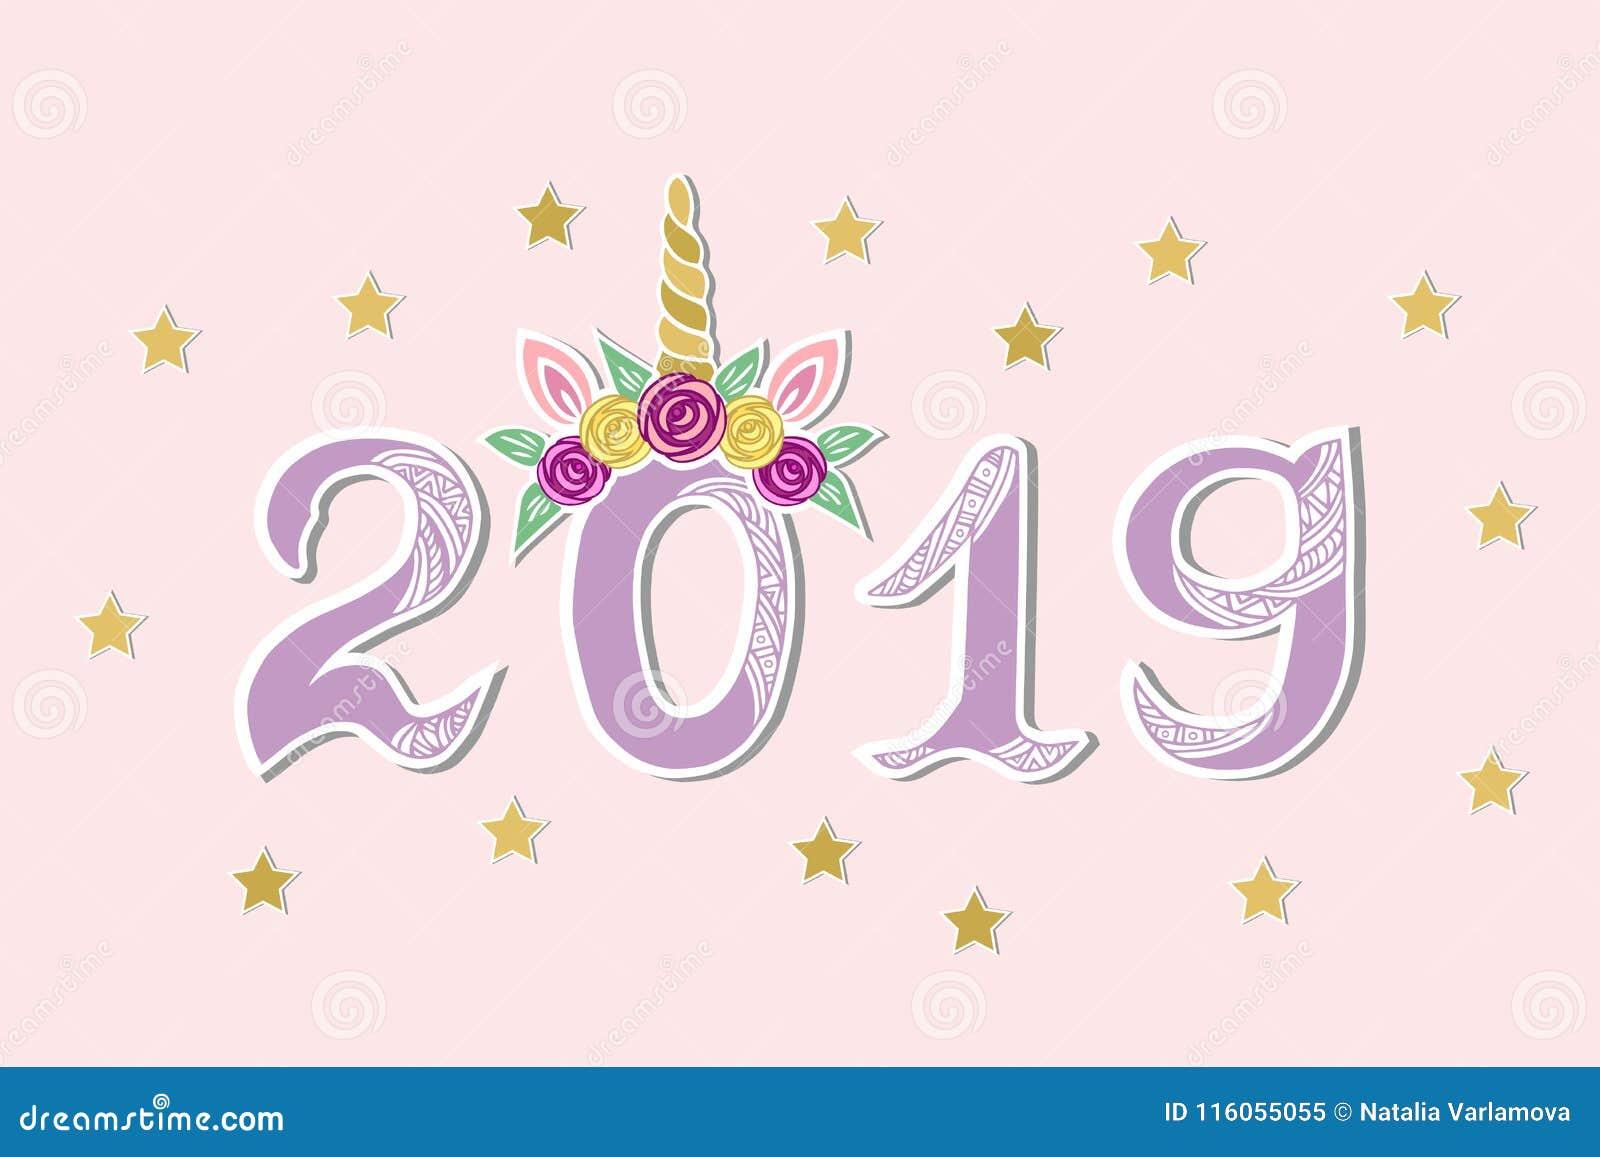 Vektorillustration med 2019 och Unicorn Tiara som vykortet för lyckligt nytt år